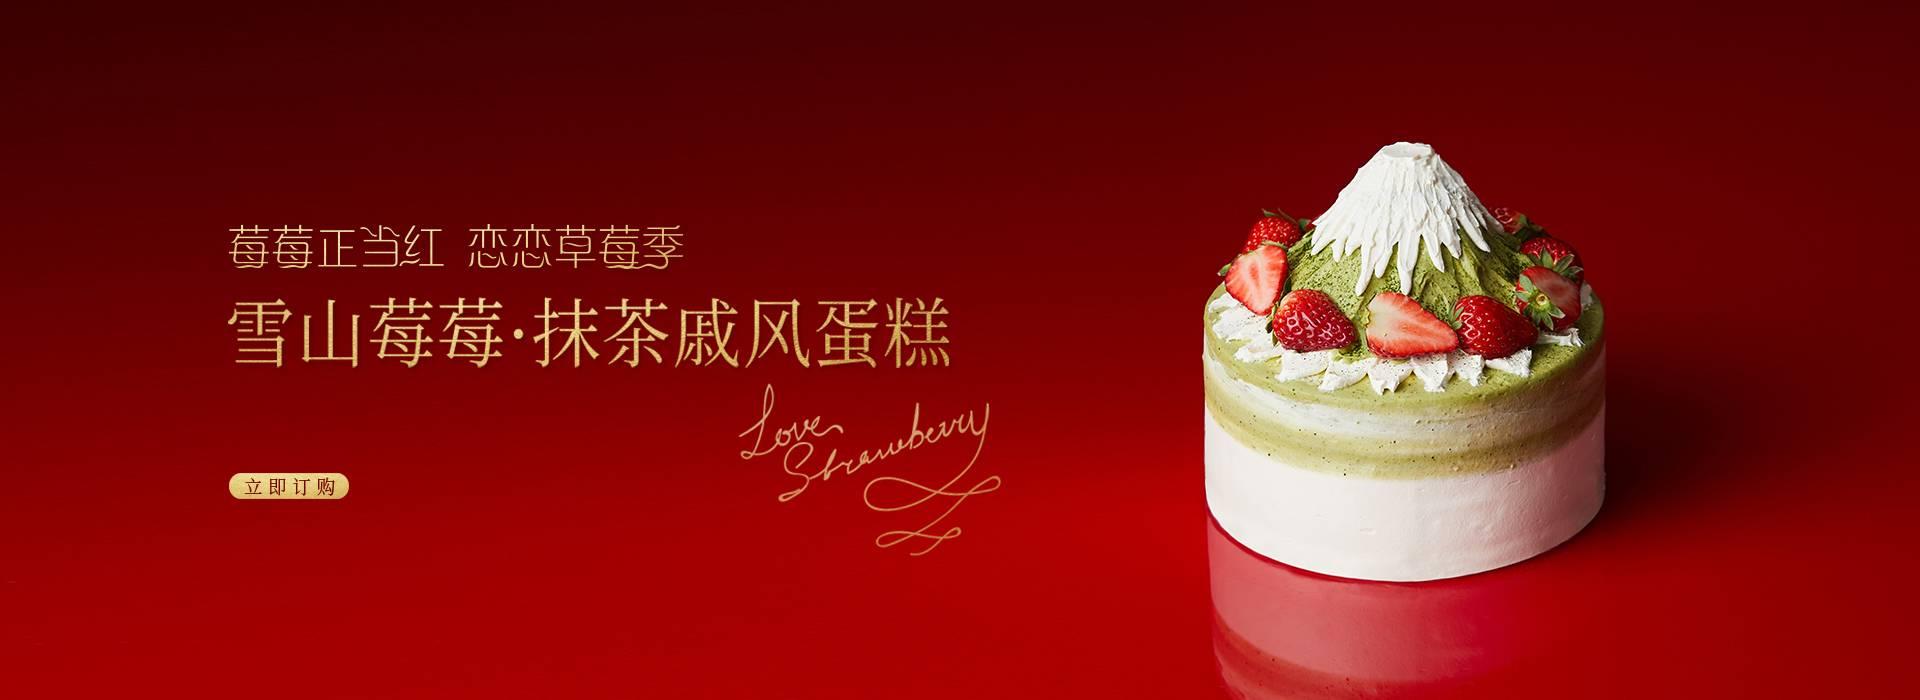 雪山莓莓抹茶戚风蛋糕